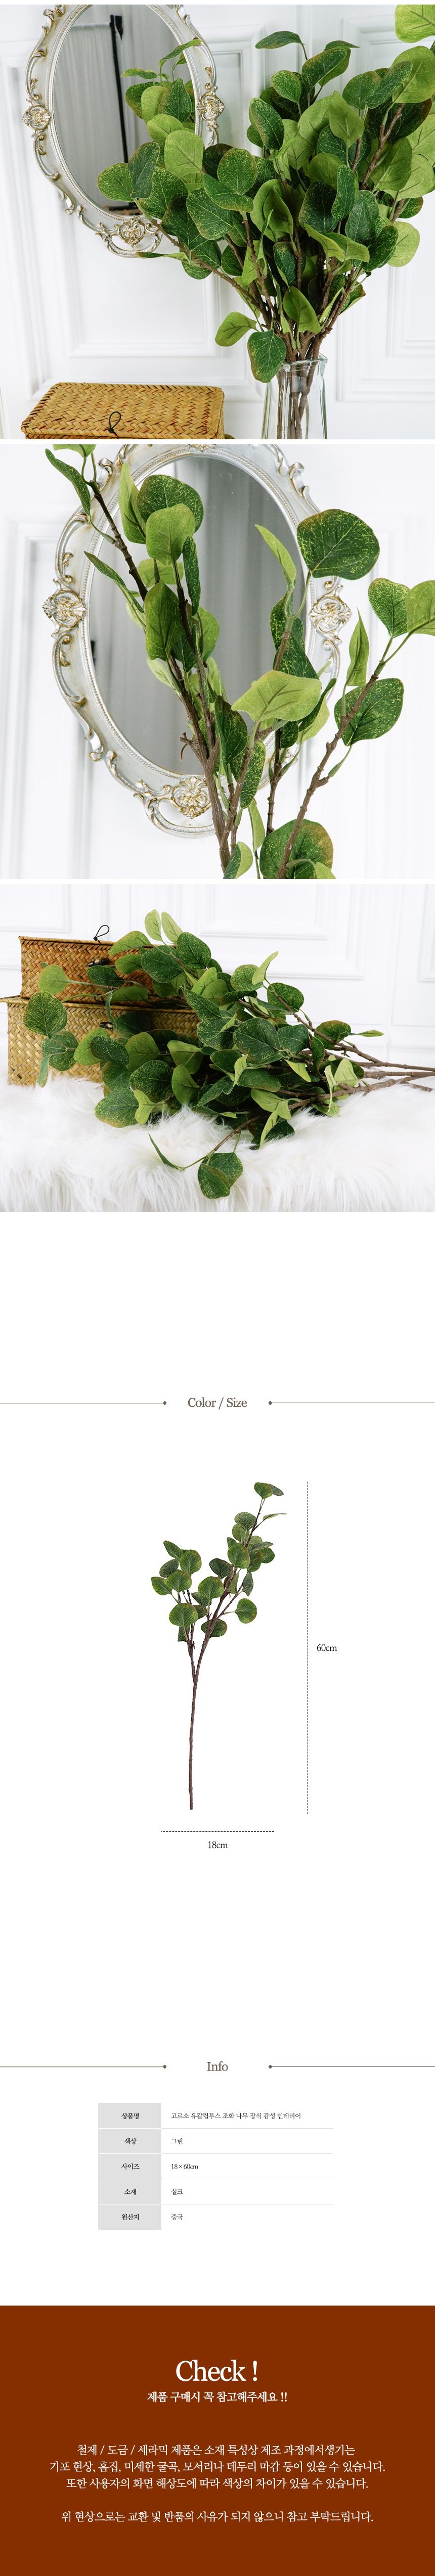 고르소 유칼립투스 조화 나무 장식 감성 인테리어4,400원-고르소인테리어, 플라워, 조화, 웨딩조화바보사랑고르소 유칼립투스 조화 나무 장식 감성 인테리어4,400원-고르소인테리어, 플라워, 조화, 웨딩조화바보사랑